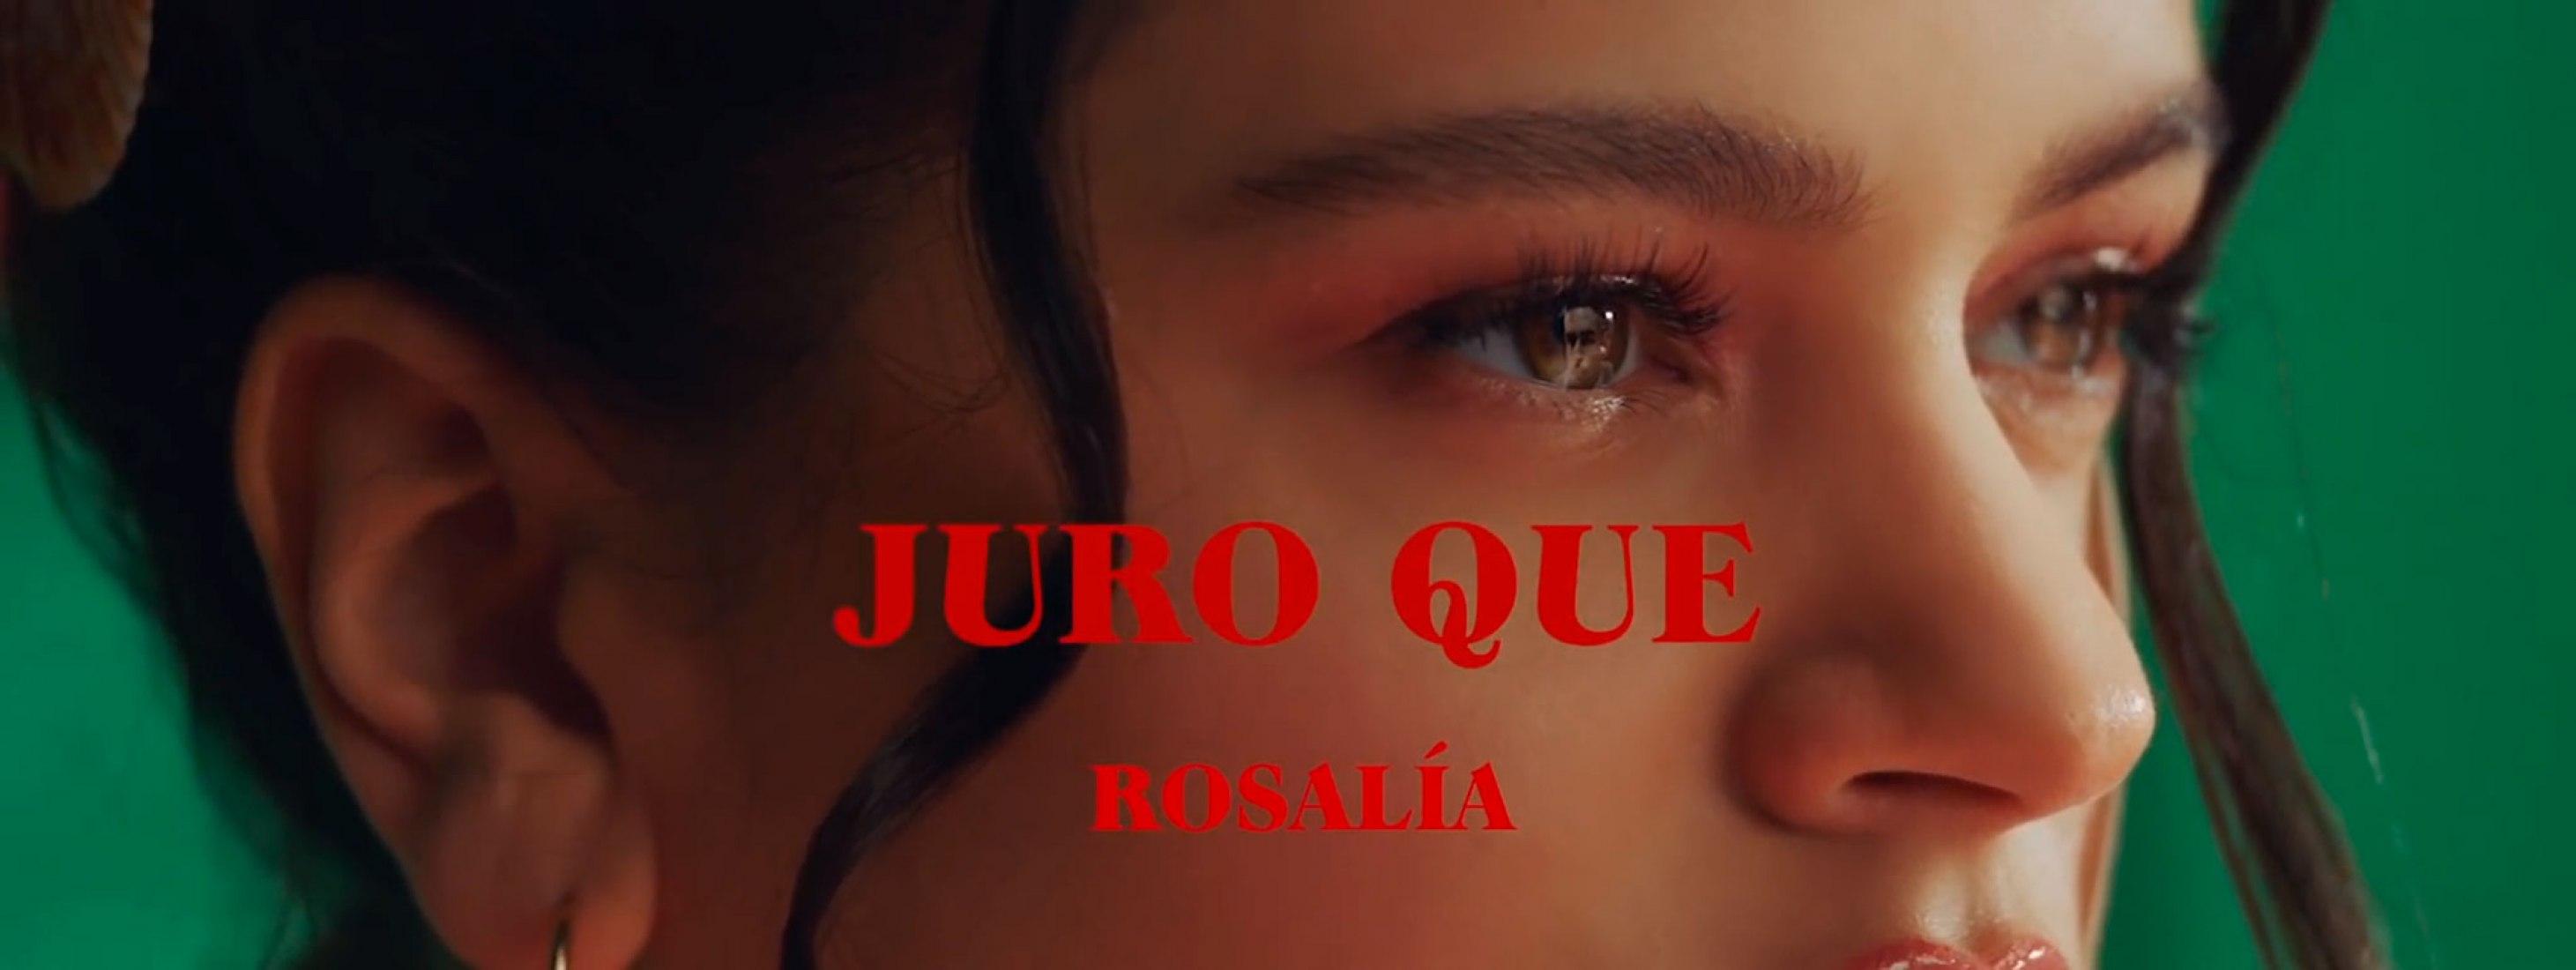 Juro Que por Rosalía